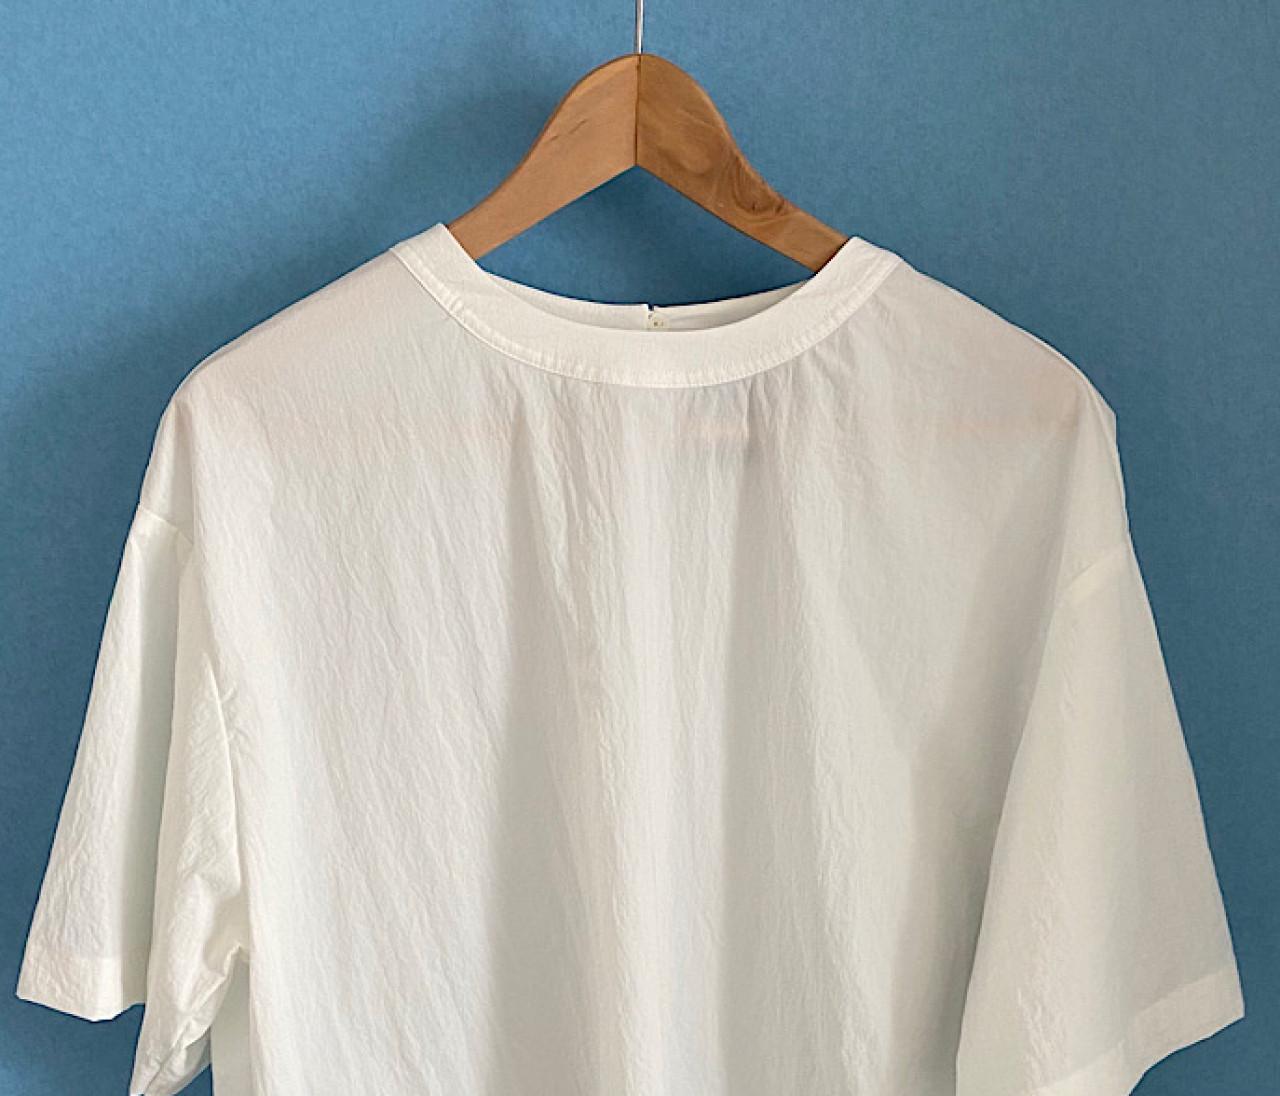 Tシャツでは暑すぎる日本の夏にパーフェクトな解答!ノーク バイ ザ ラインの涼しいナイロンストレッチ【30代に幸せをくれるものvol.37】